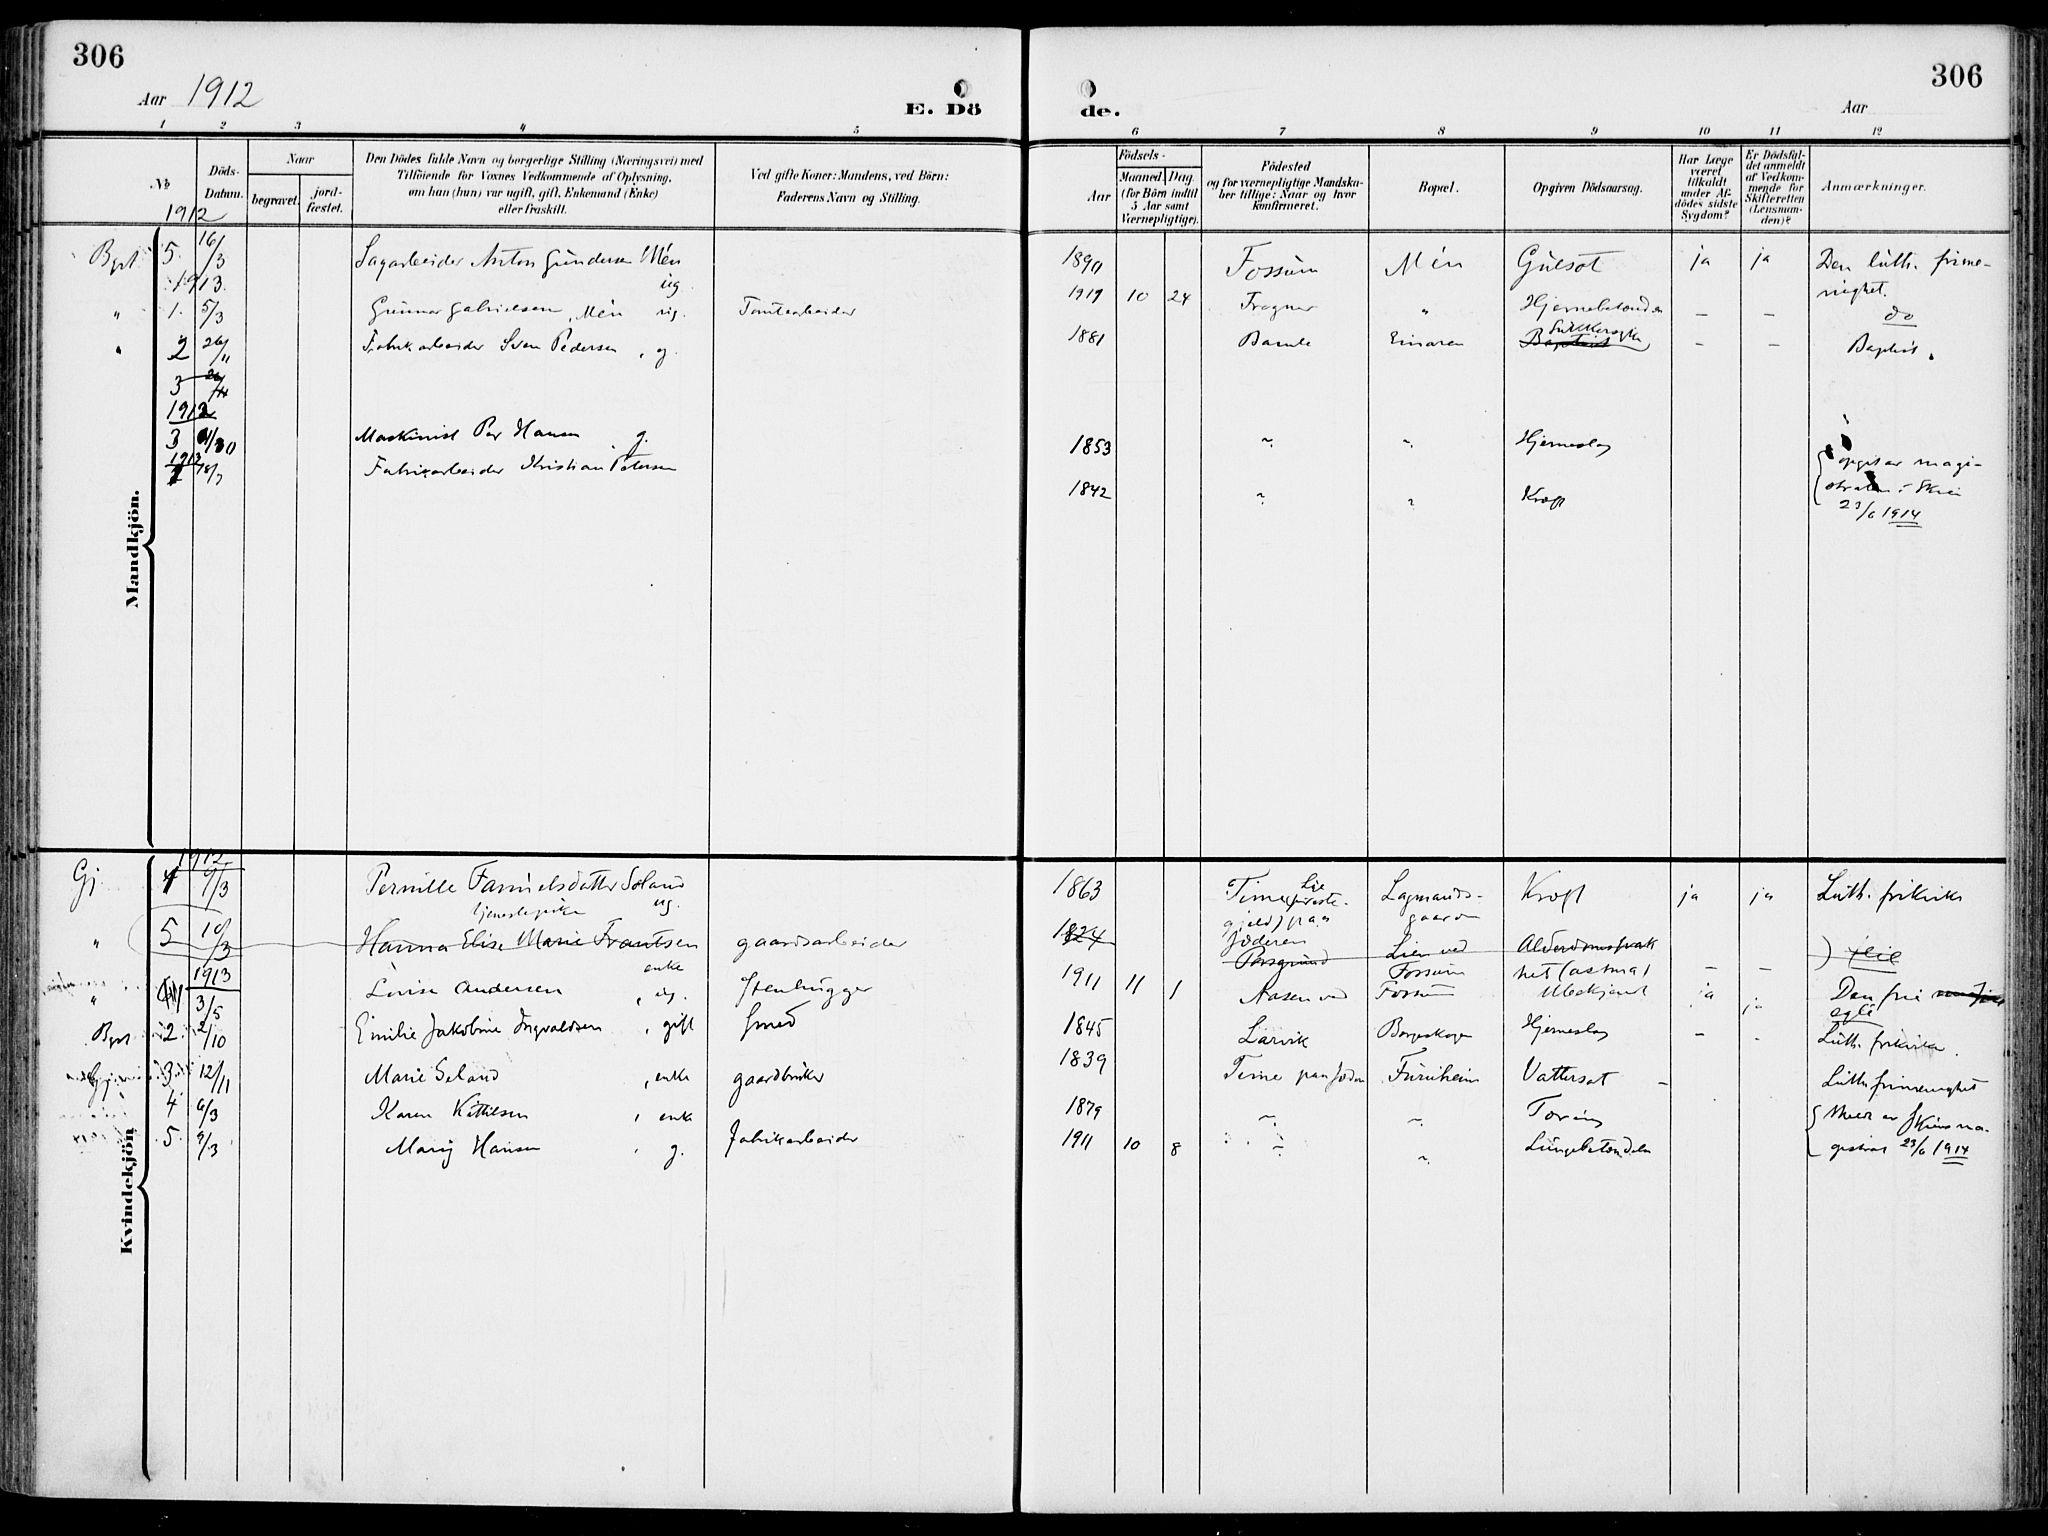 SAKO, Gjerpen kirkebøker, F/Fa/L0012: Ministerialbok nr. 12, 1905-1913, s. 306